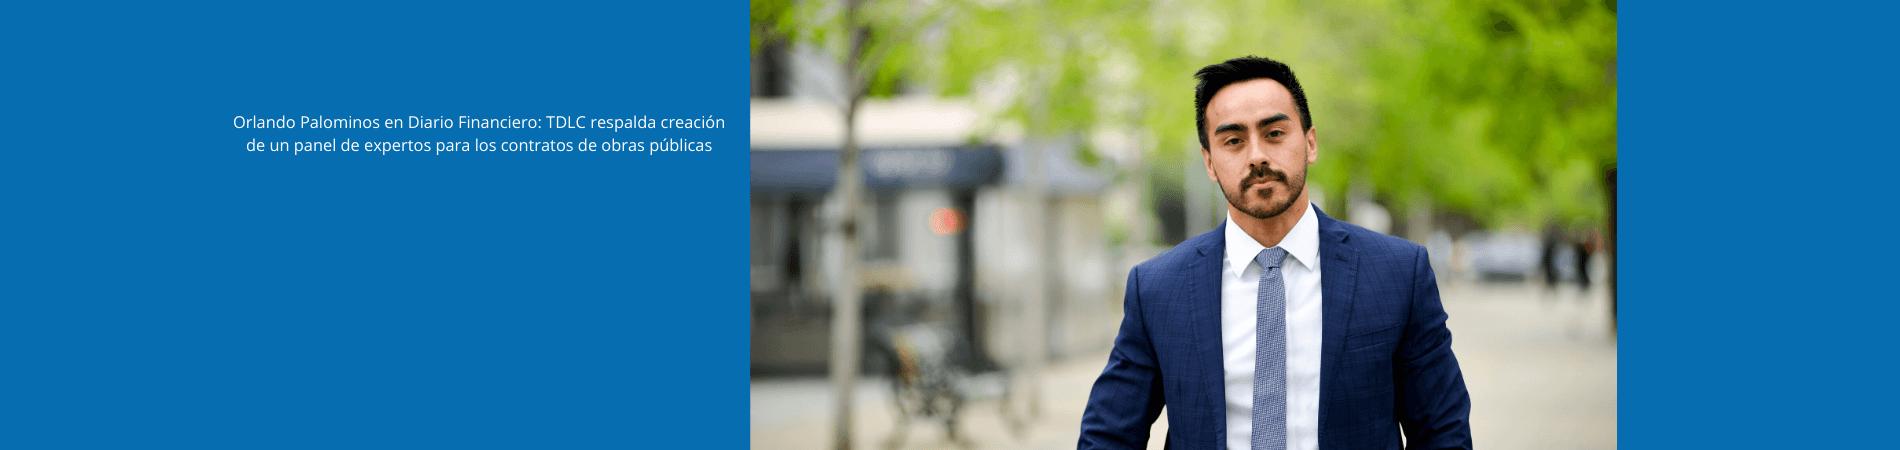 Orlando Palominos en Diario Financiero: TDLC respalda creación de un panel de expertos para los contratos de obras públicas